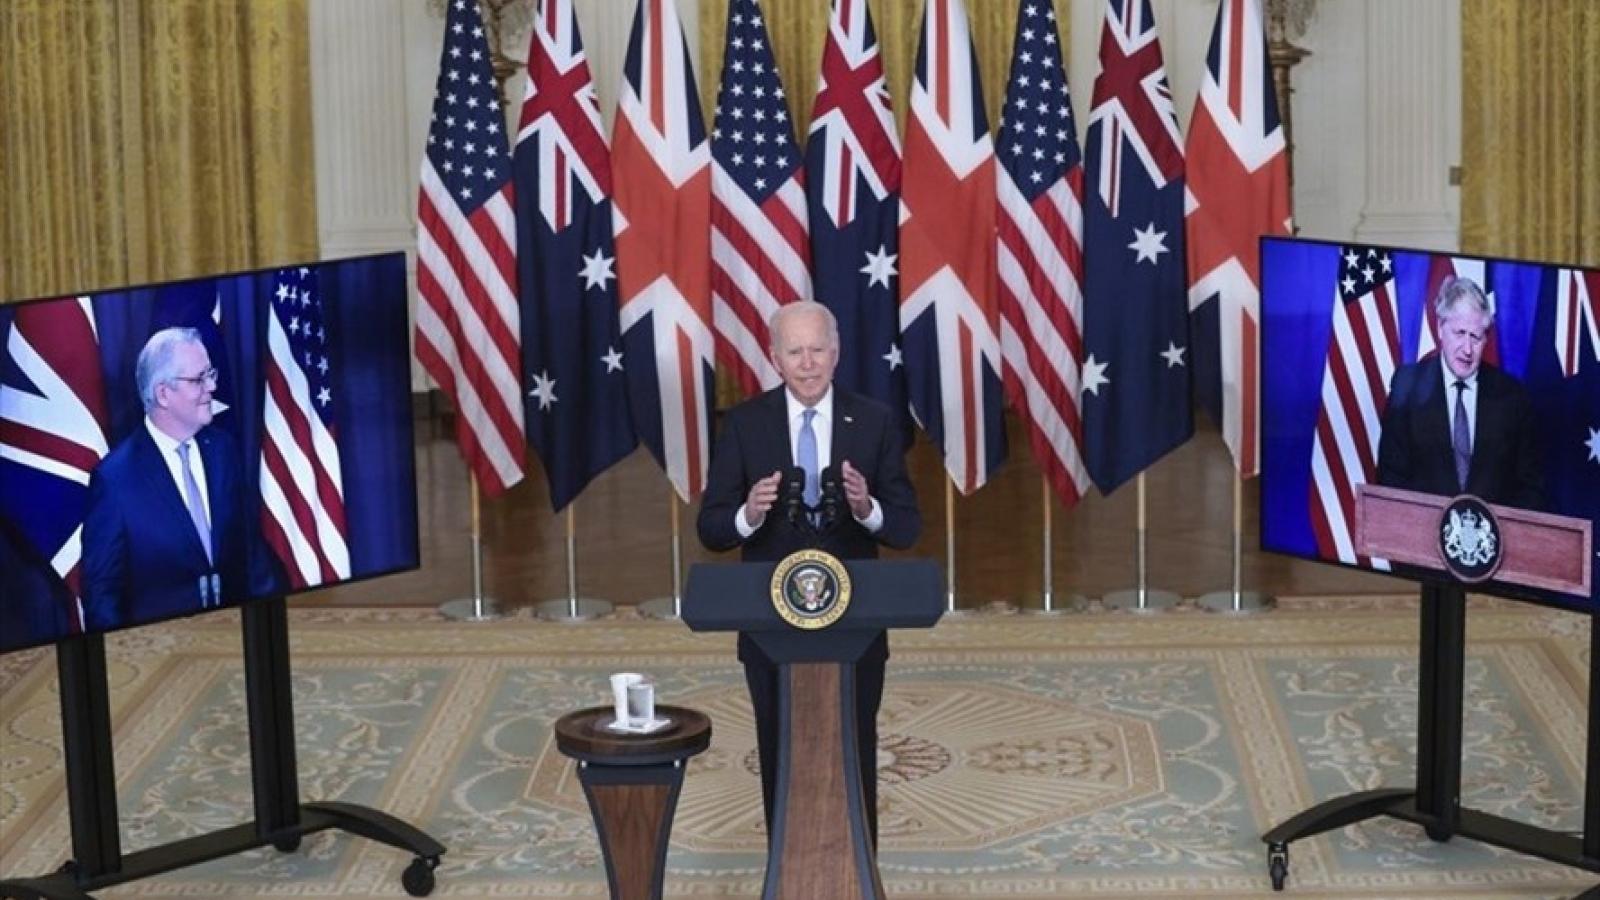 Liên minh an ninh Mỹ-Anh-Australia sẽ tái định hình quan hệ ở Ấn Độ Dương-Thái Bình Dương